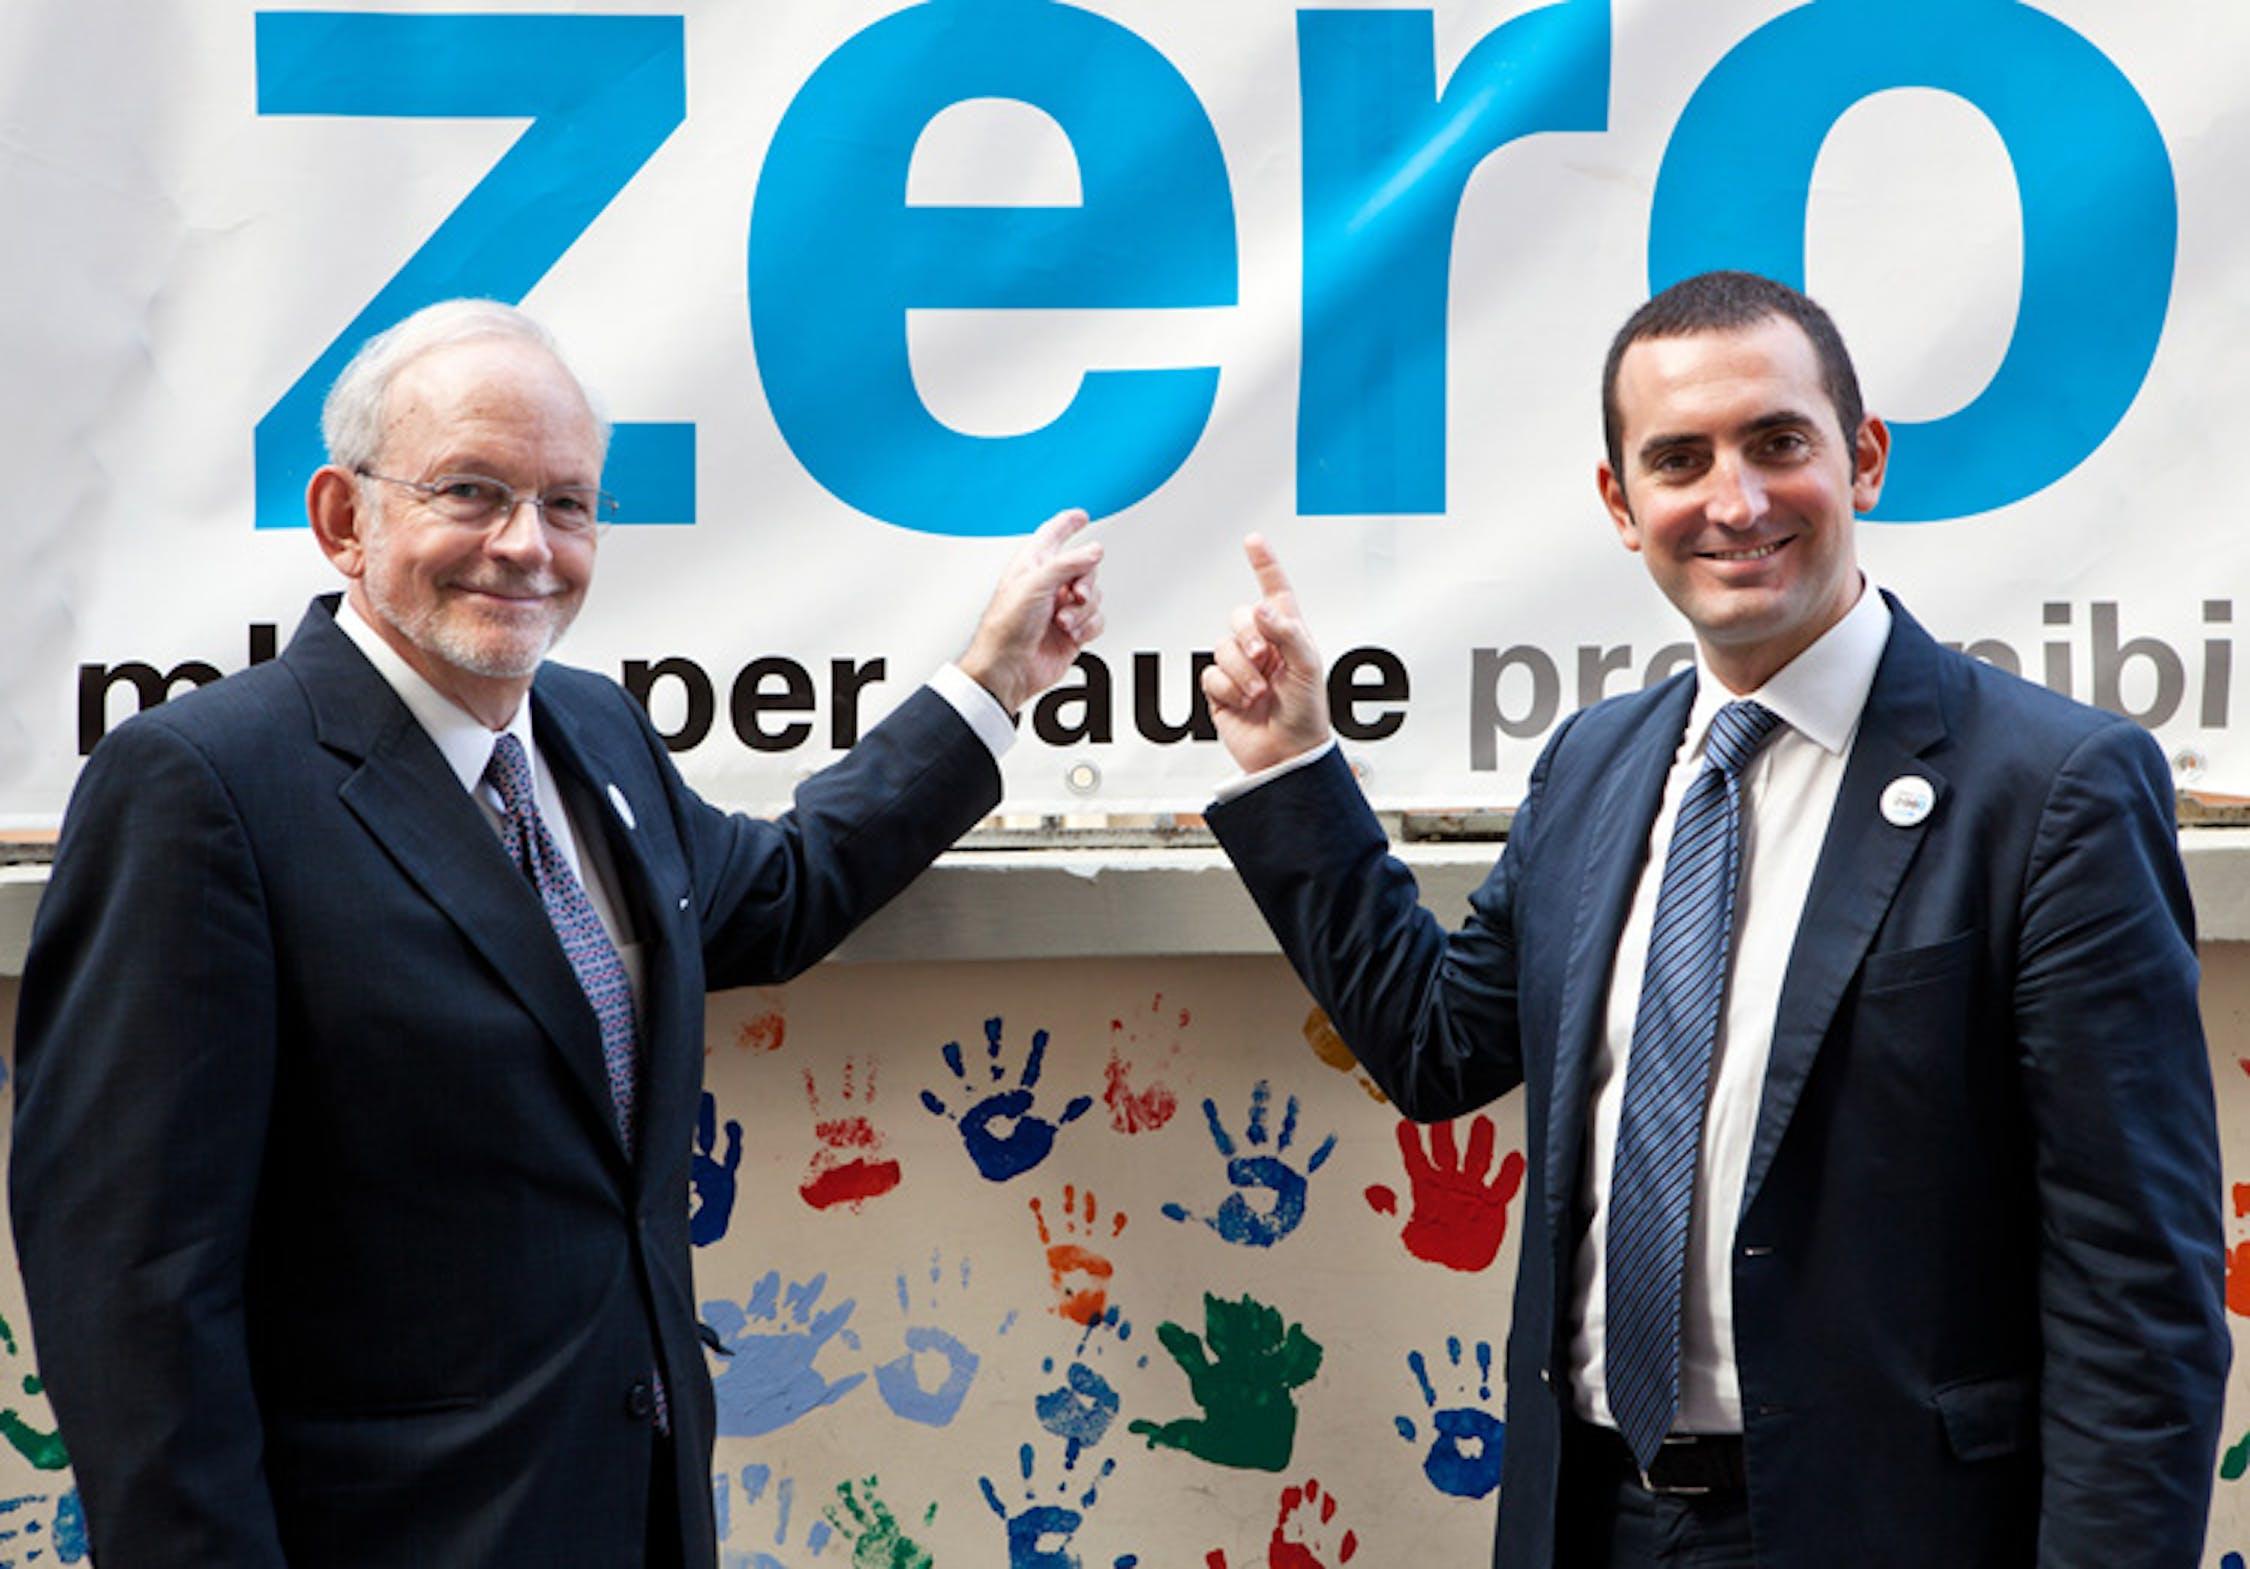 Il direttore dell'UNICEF Anthony Lake (sin.) e il presidente del Comitato Italiano UNICEF Vincenzo Spadafora al lancio della campagna 'Vogliamo Zero' - ©UNICEF Italia/2011/Serena Eller